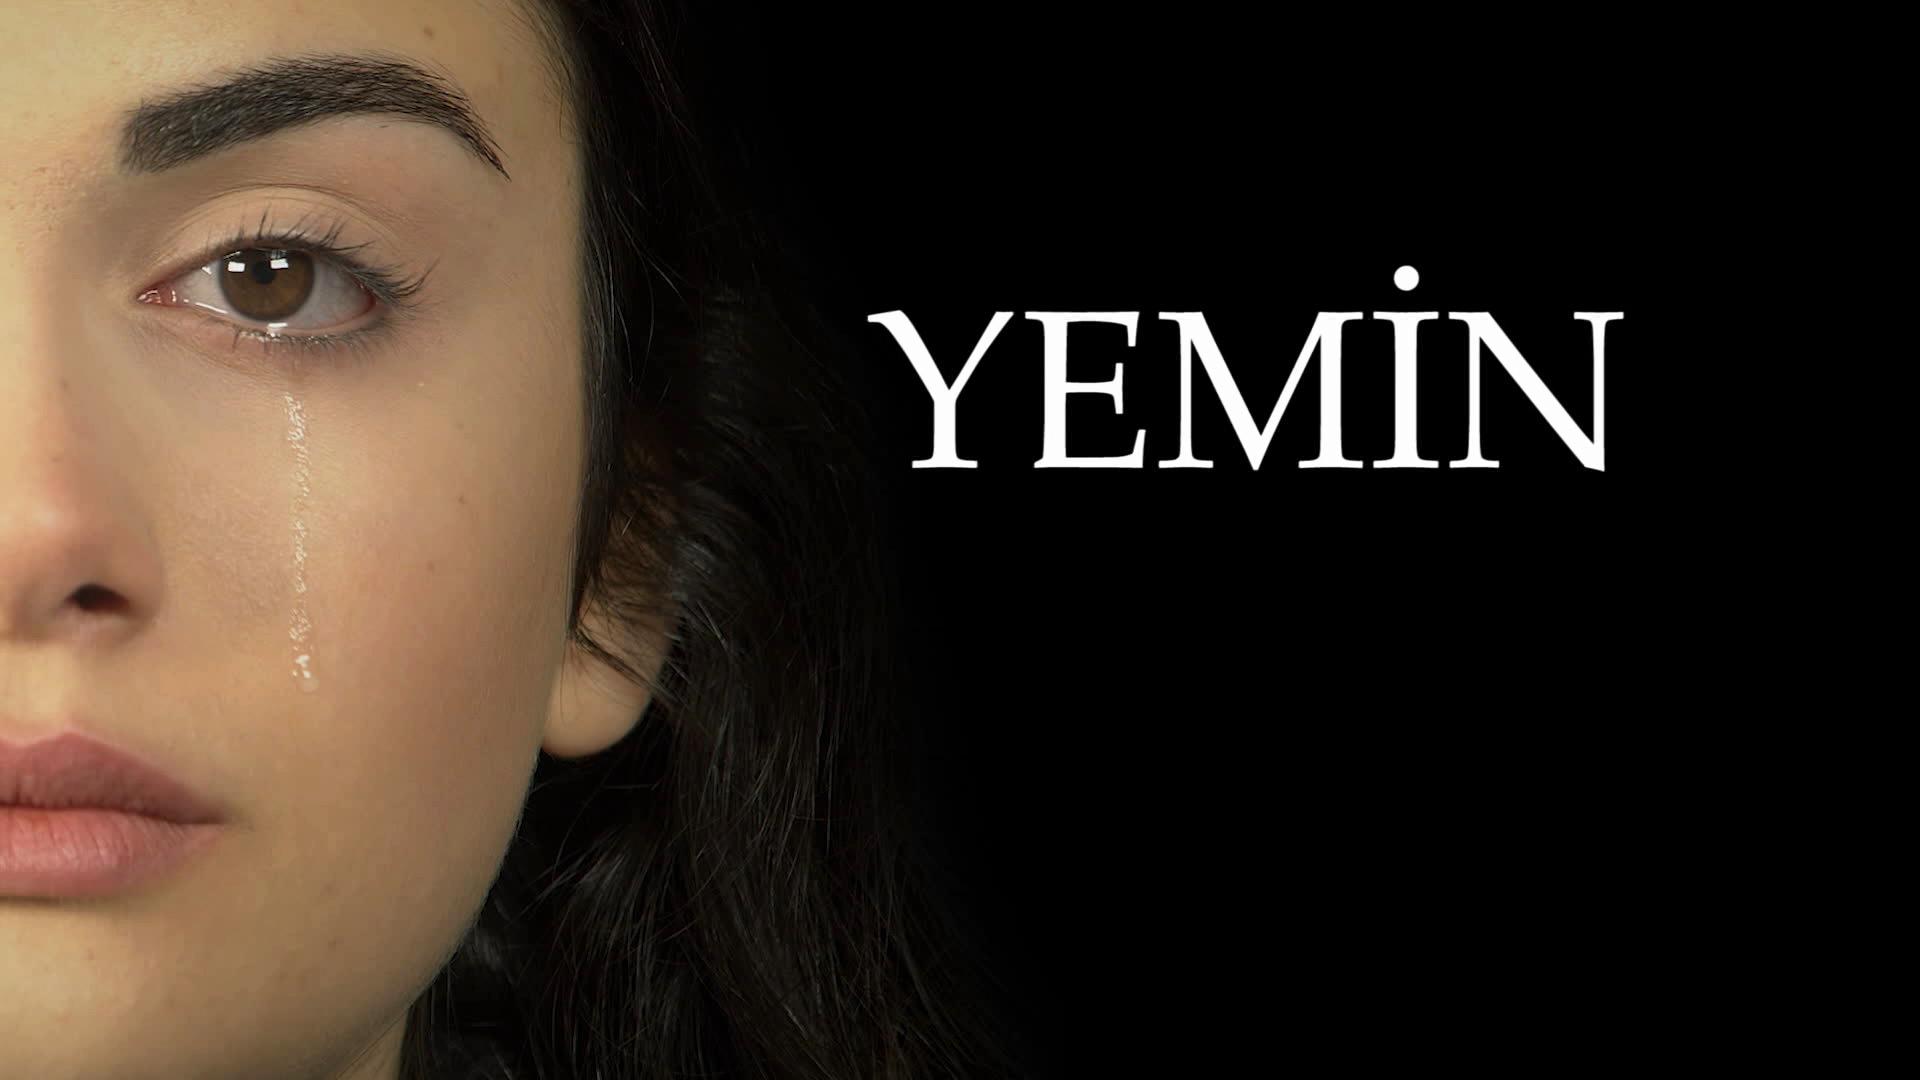 Yemin dizisi çok yakında Kanal 7 ekranlarında - 2. resim